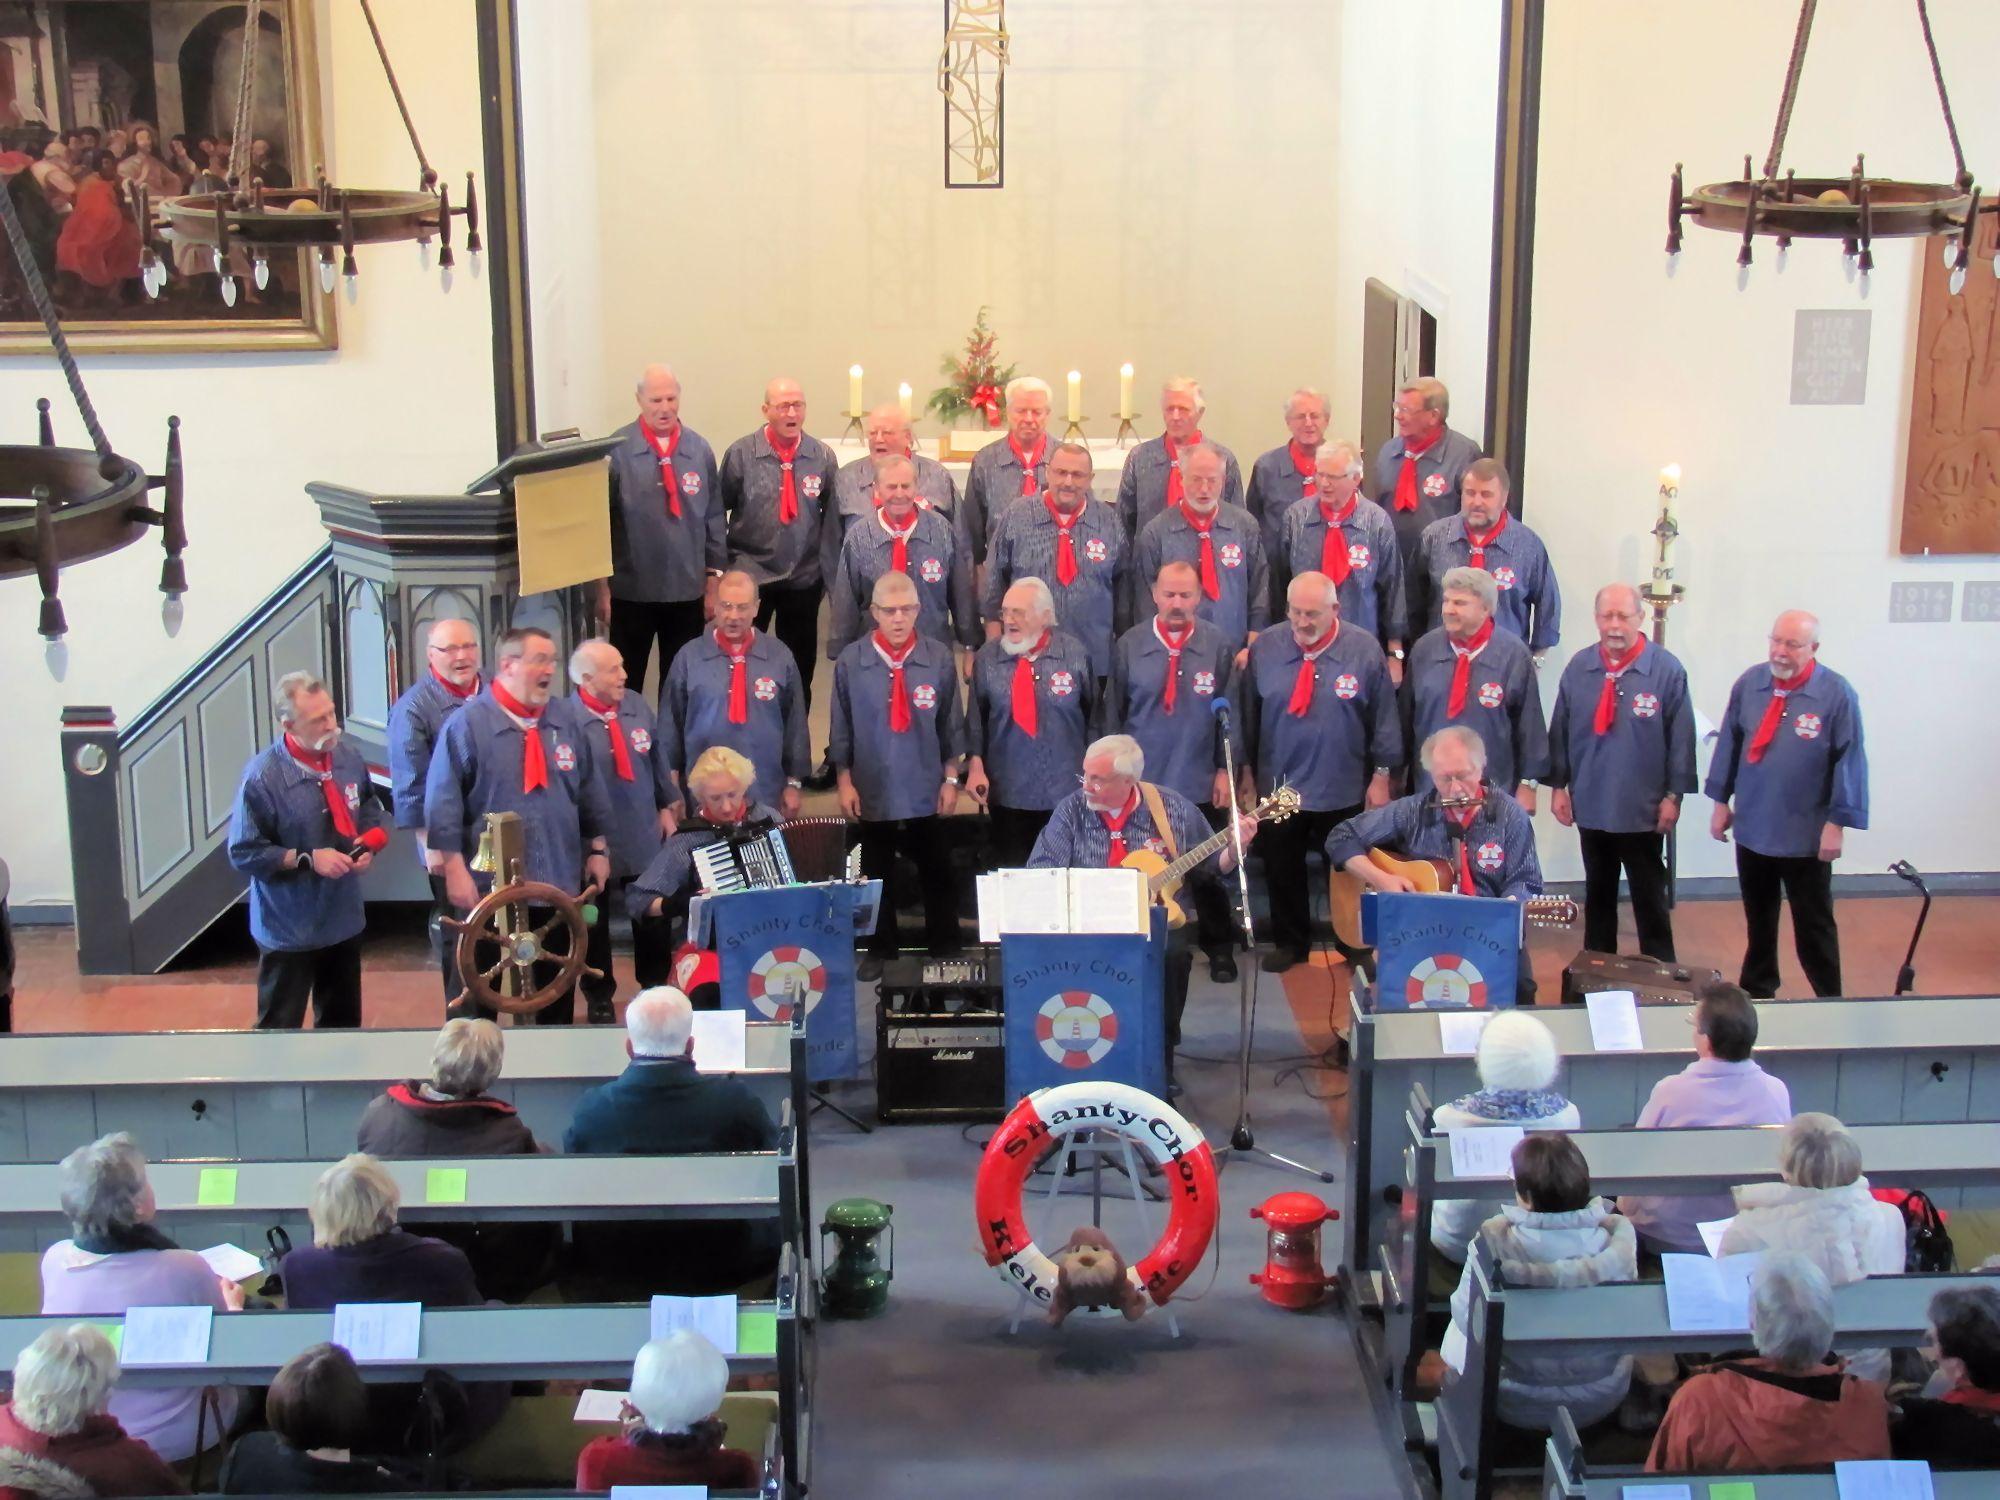 Shanty-Chor Kieler Förde